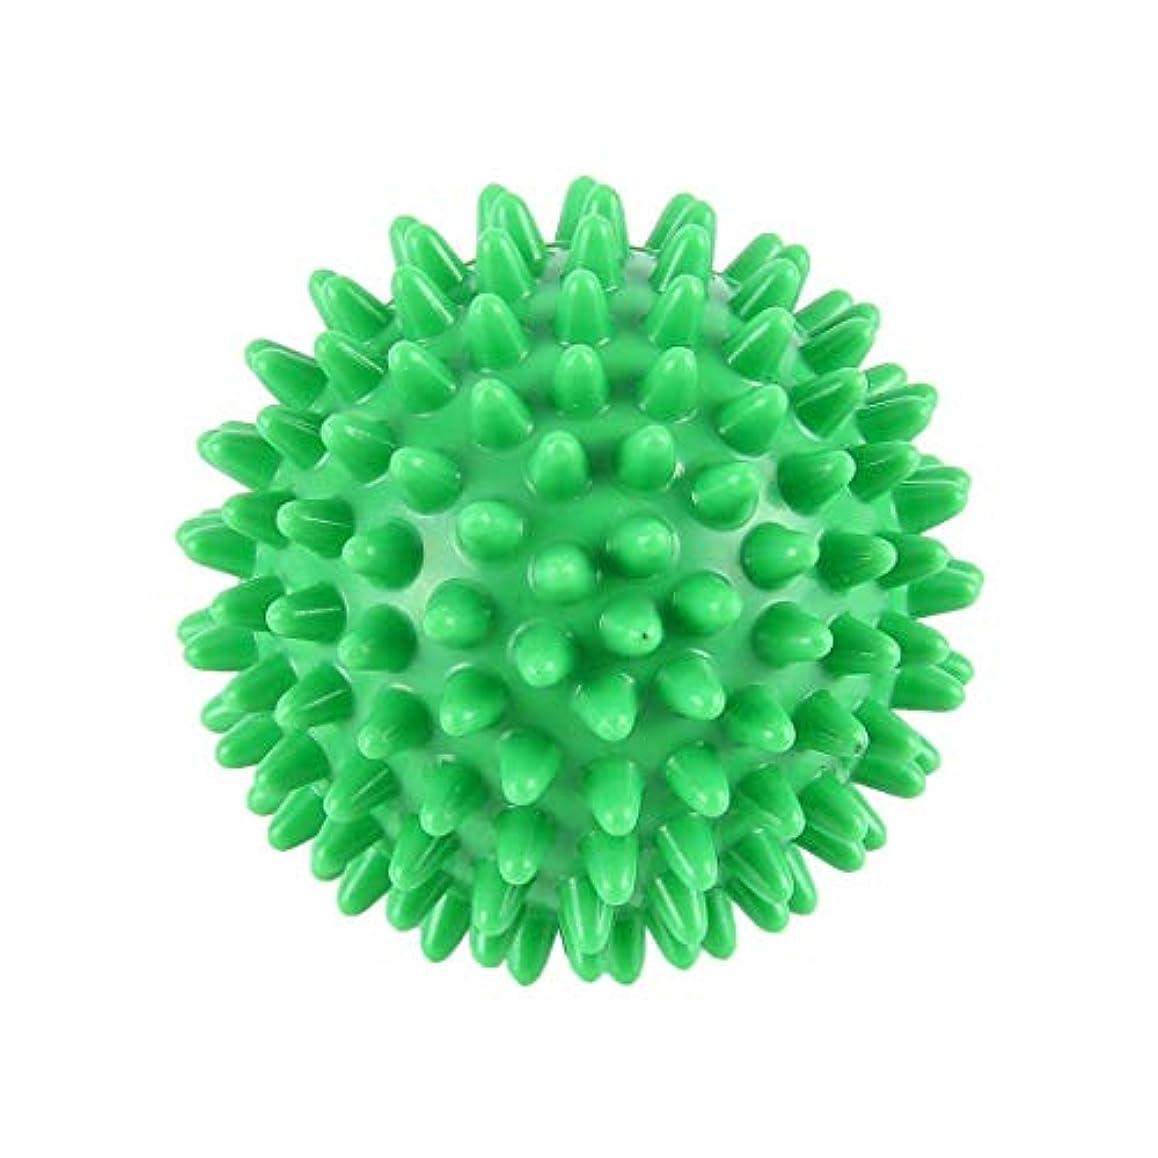 後退する受信遷移PVC高密度スパイキーマッサージボール足の痛みと足底筋膜炎リリーフトリートメントハリネズミボールマッサージ指圧ボール